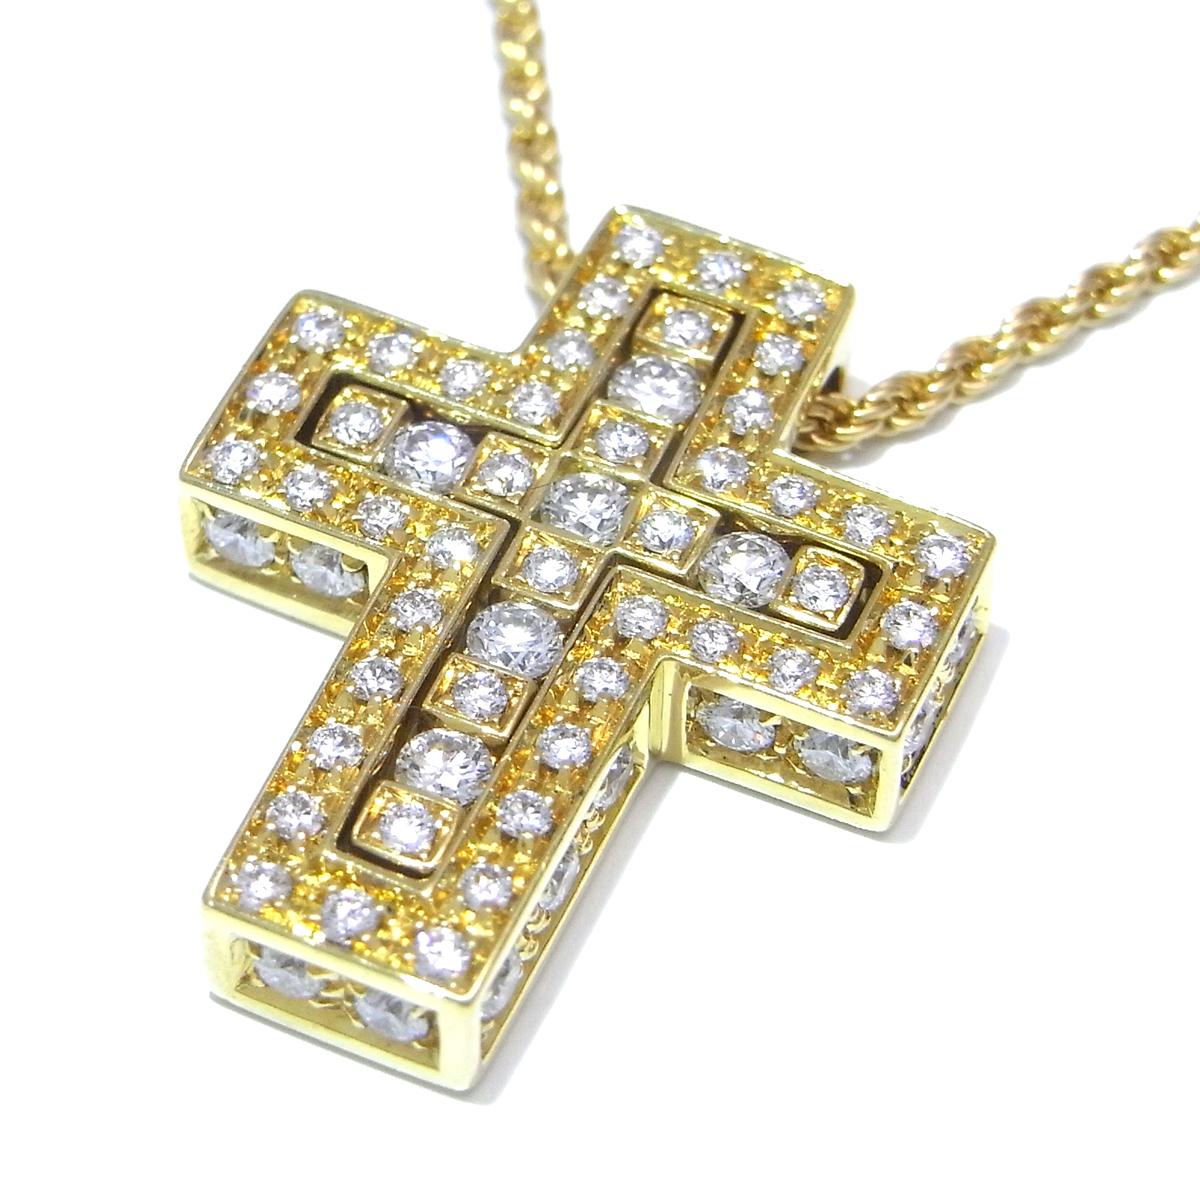 c3d22aa7a86b 飯能本店] Damiani ダミアーニ ベルエポック ダイヤモンド ペンダント ネックレス (XS) ネックレス 750